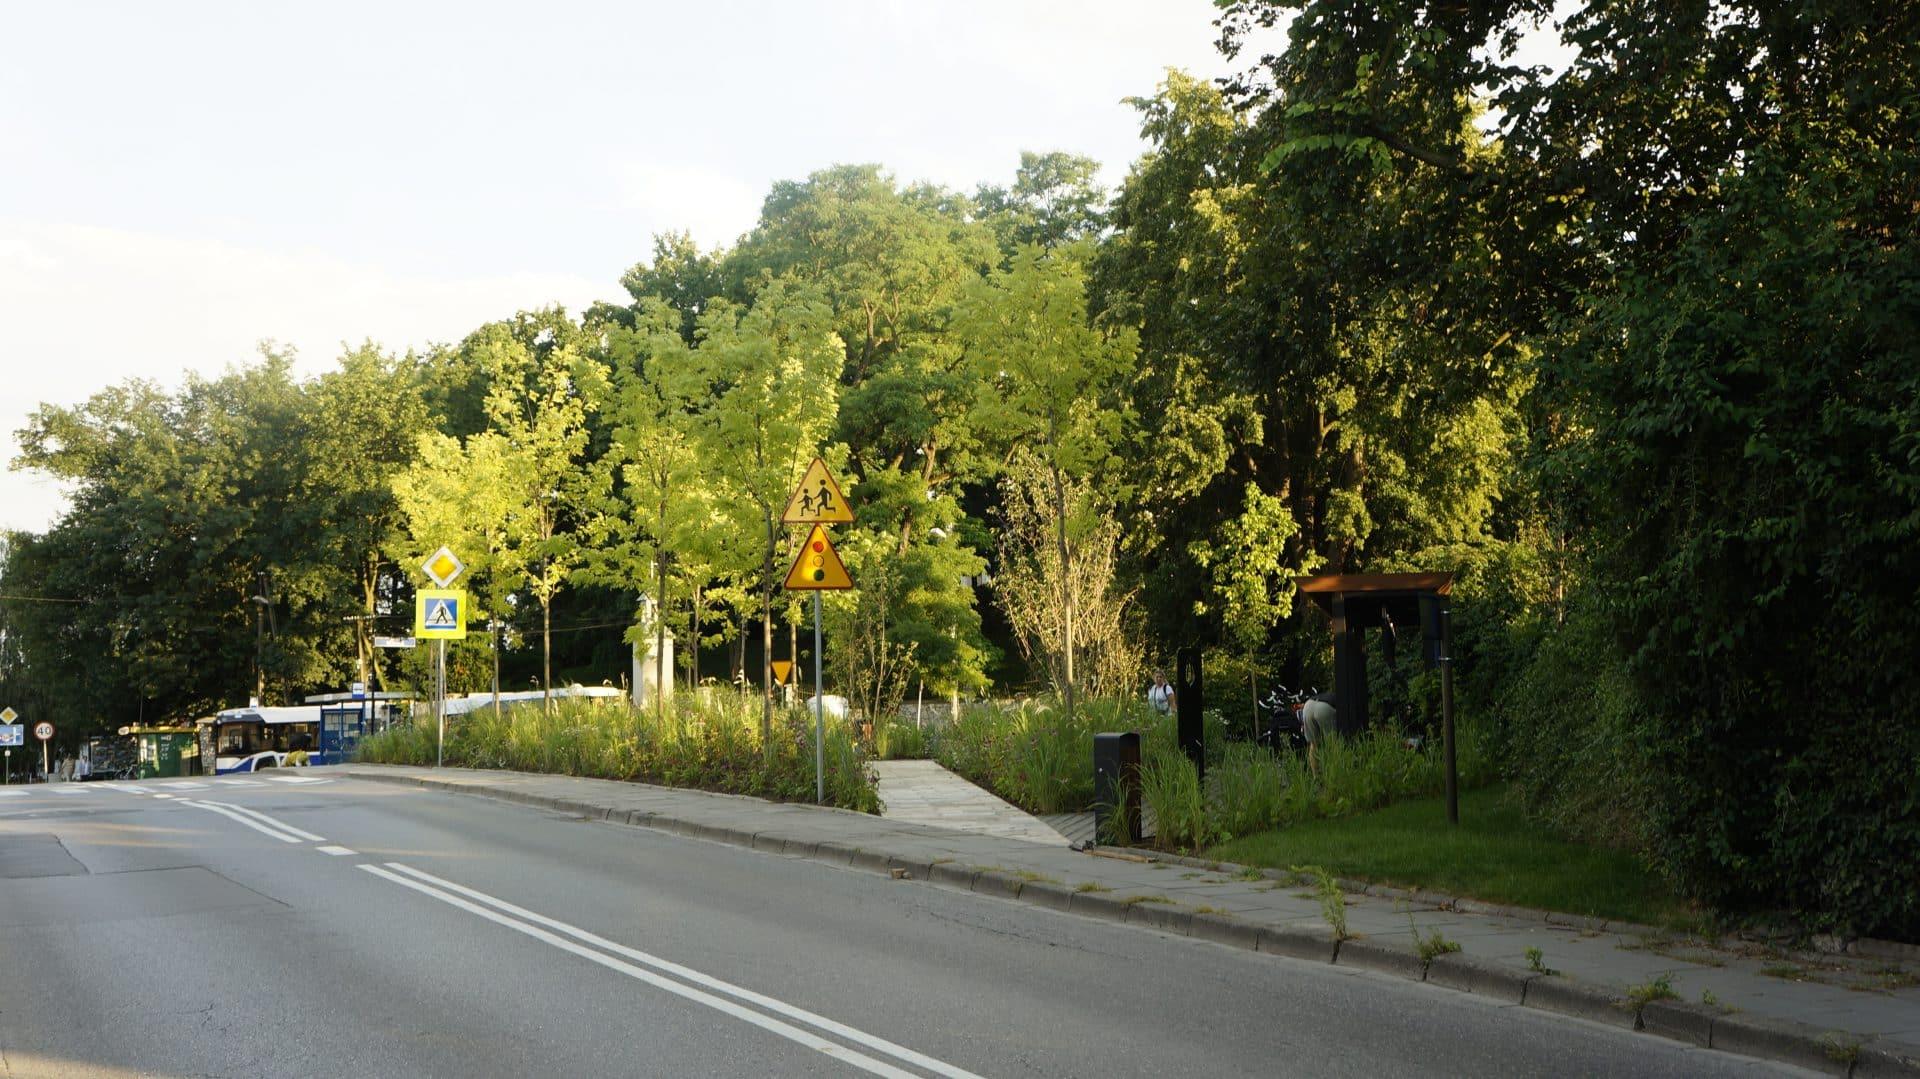 Parki kieszonkowy w Mydlnikach.